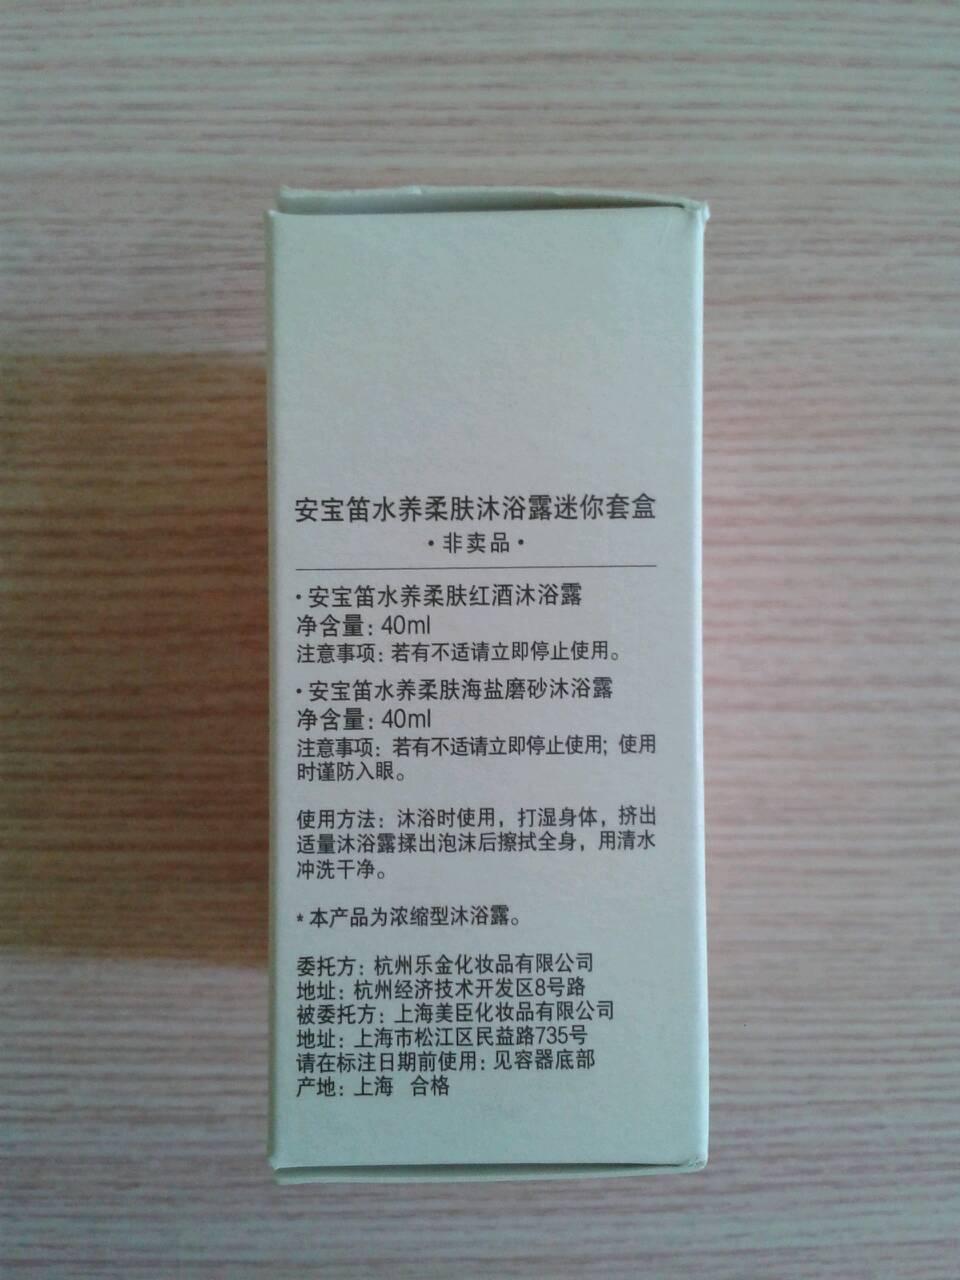 盒侧3.jpg